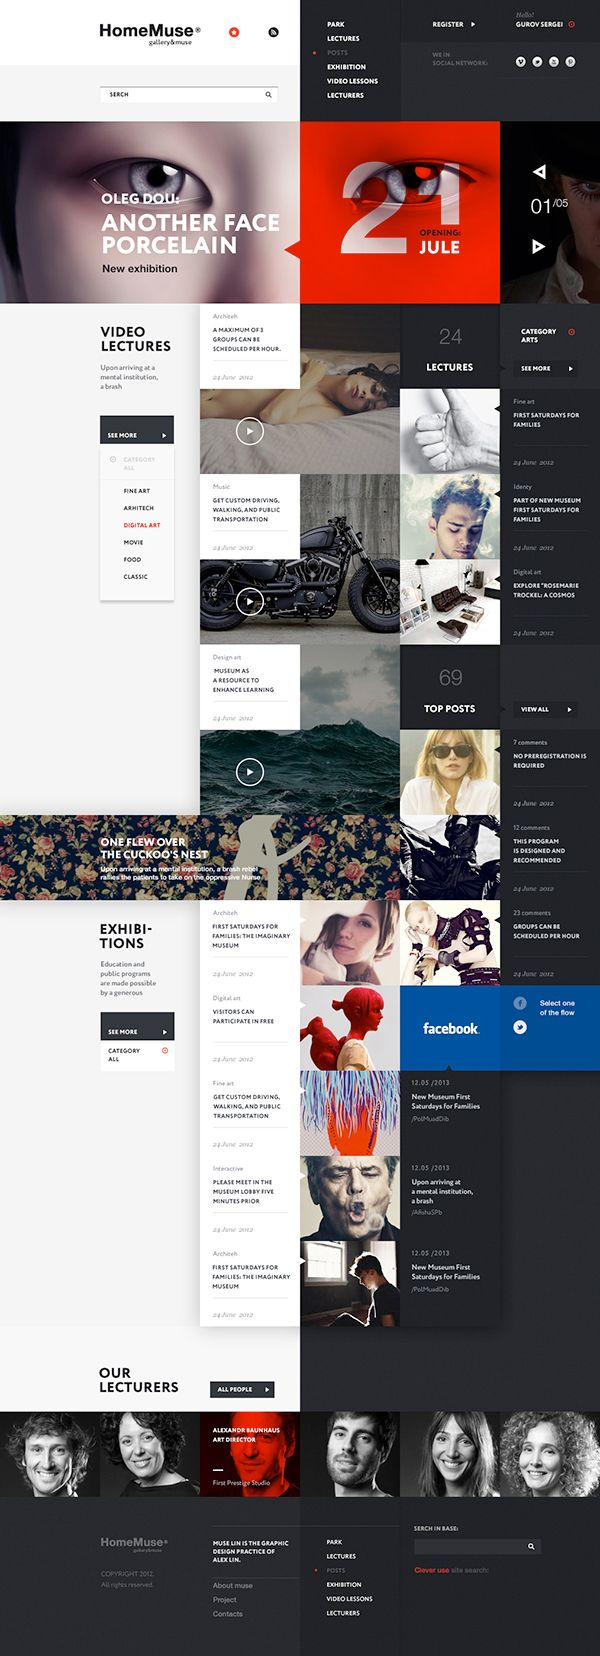 web design for art gallery & museum HomeMuse